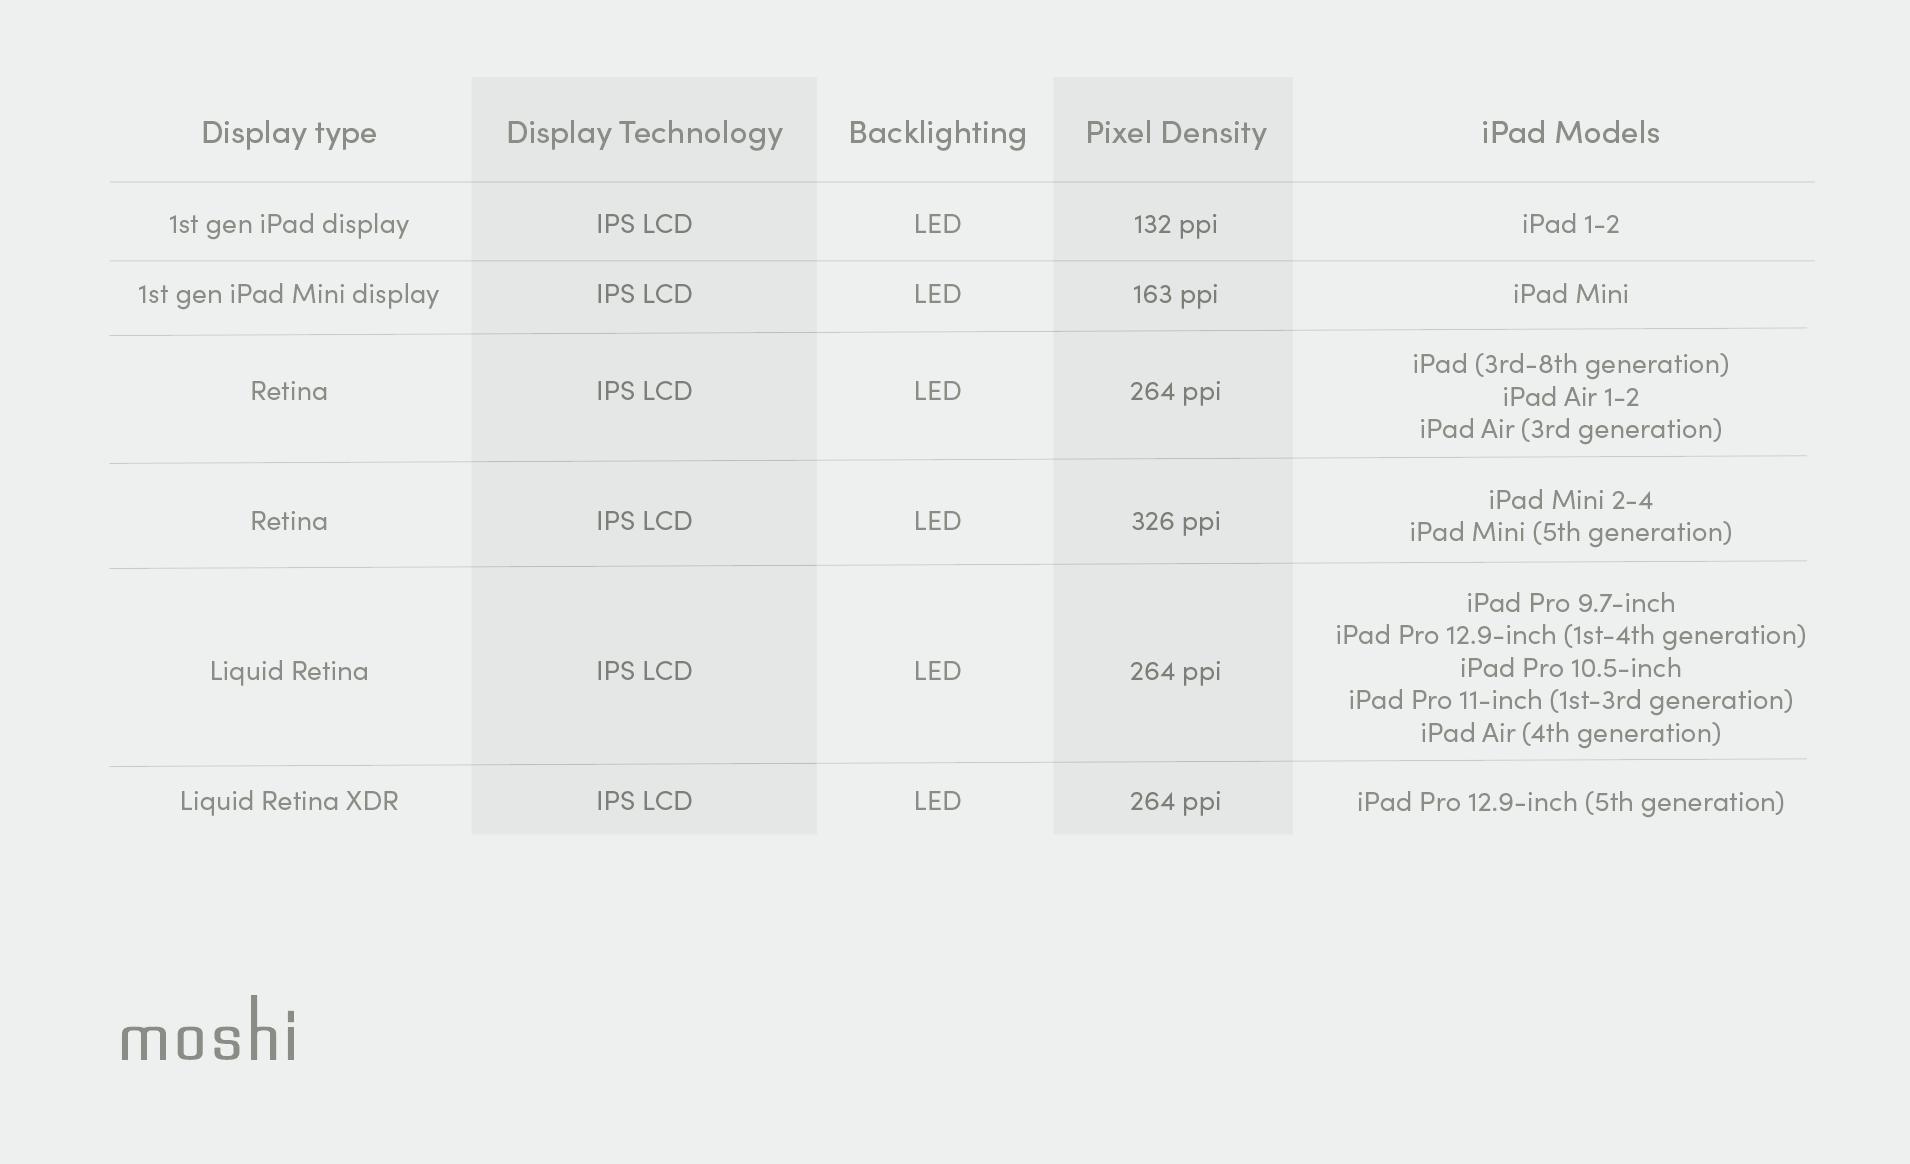 A table of iPad screen specifications including Retina, Liquid Retina, and Liquid Retina XDR